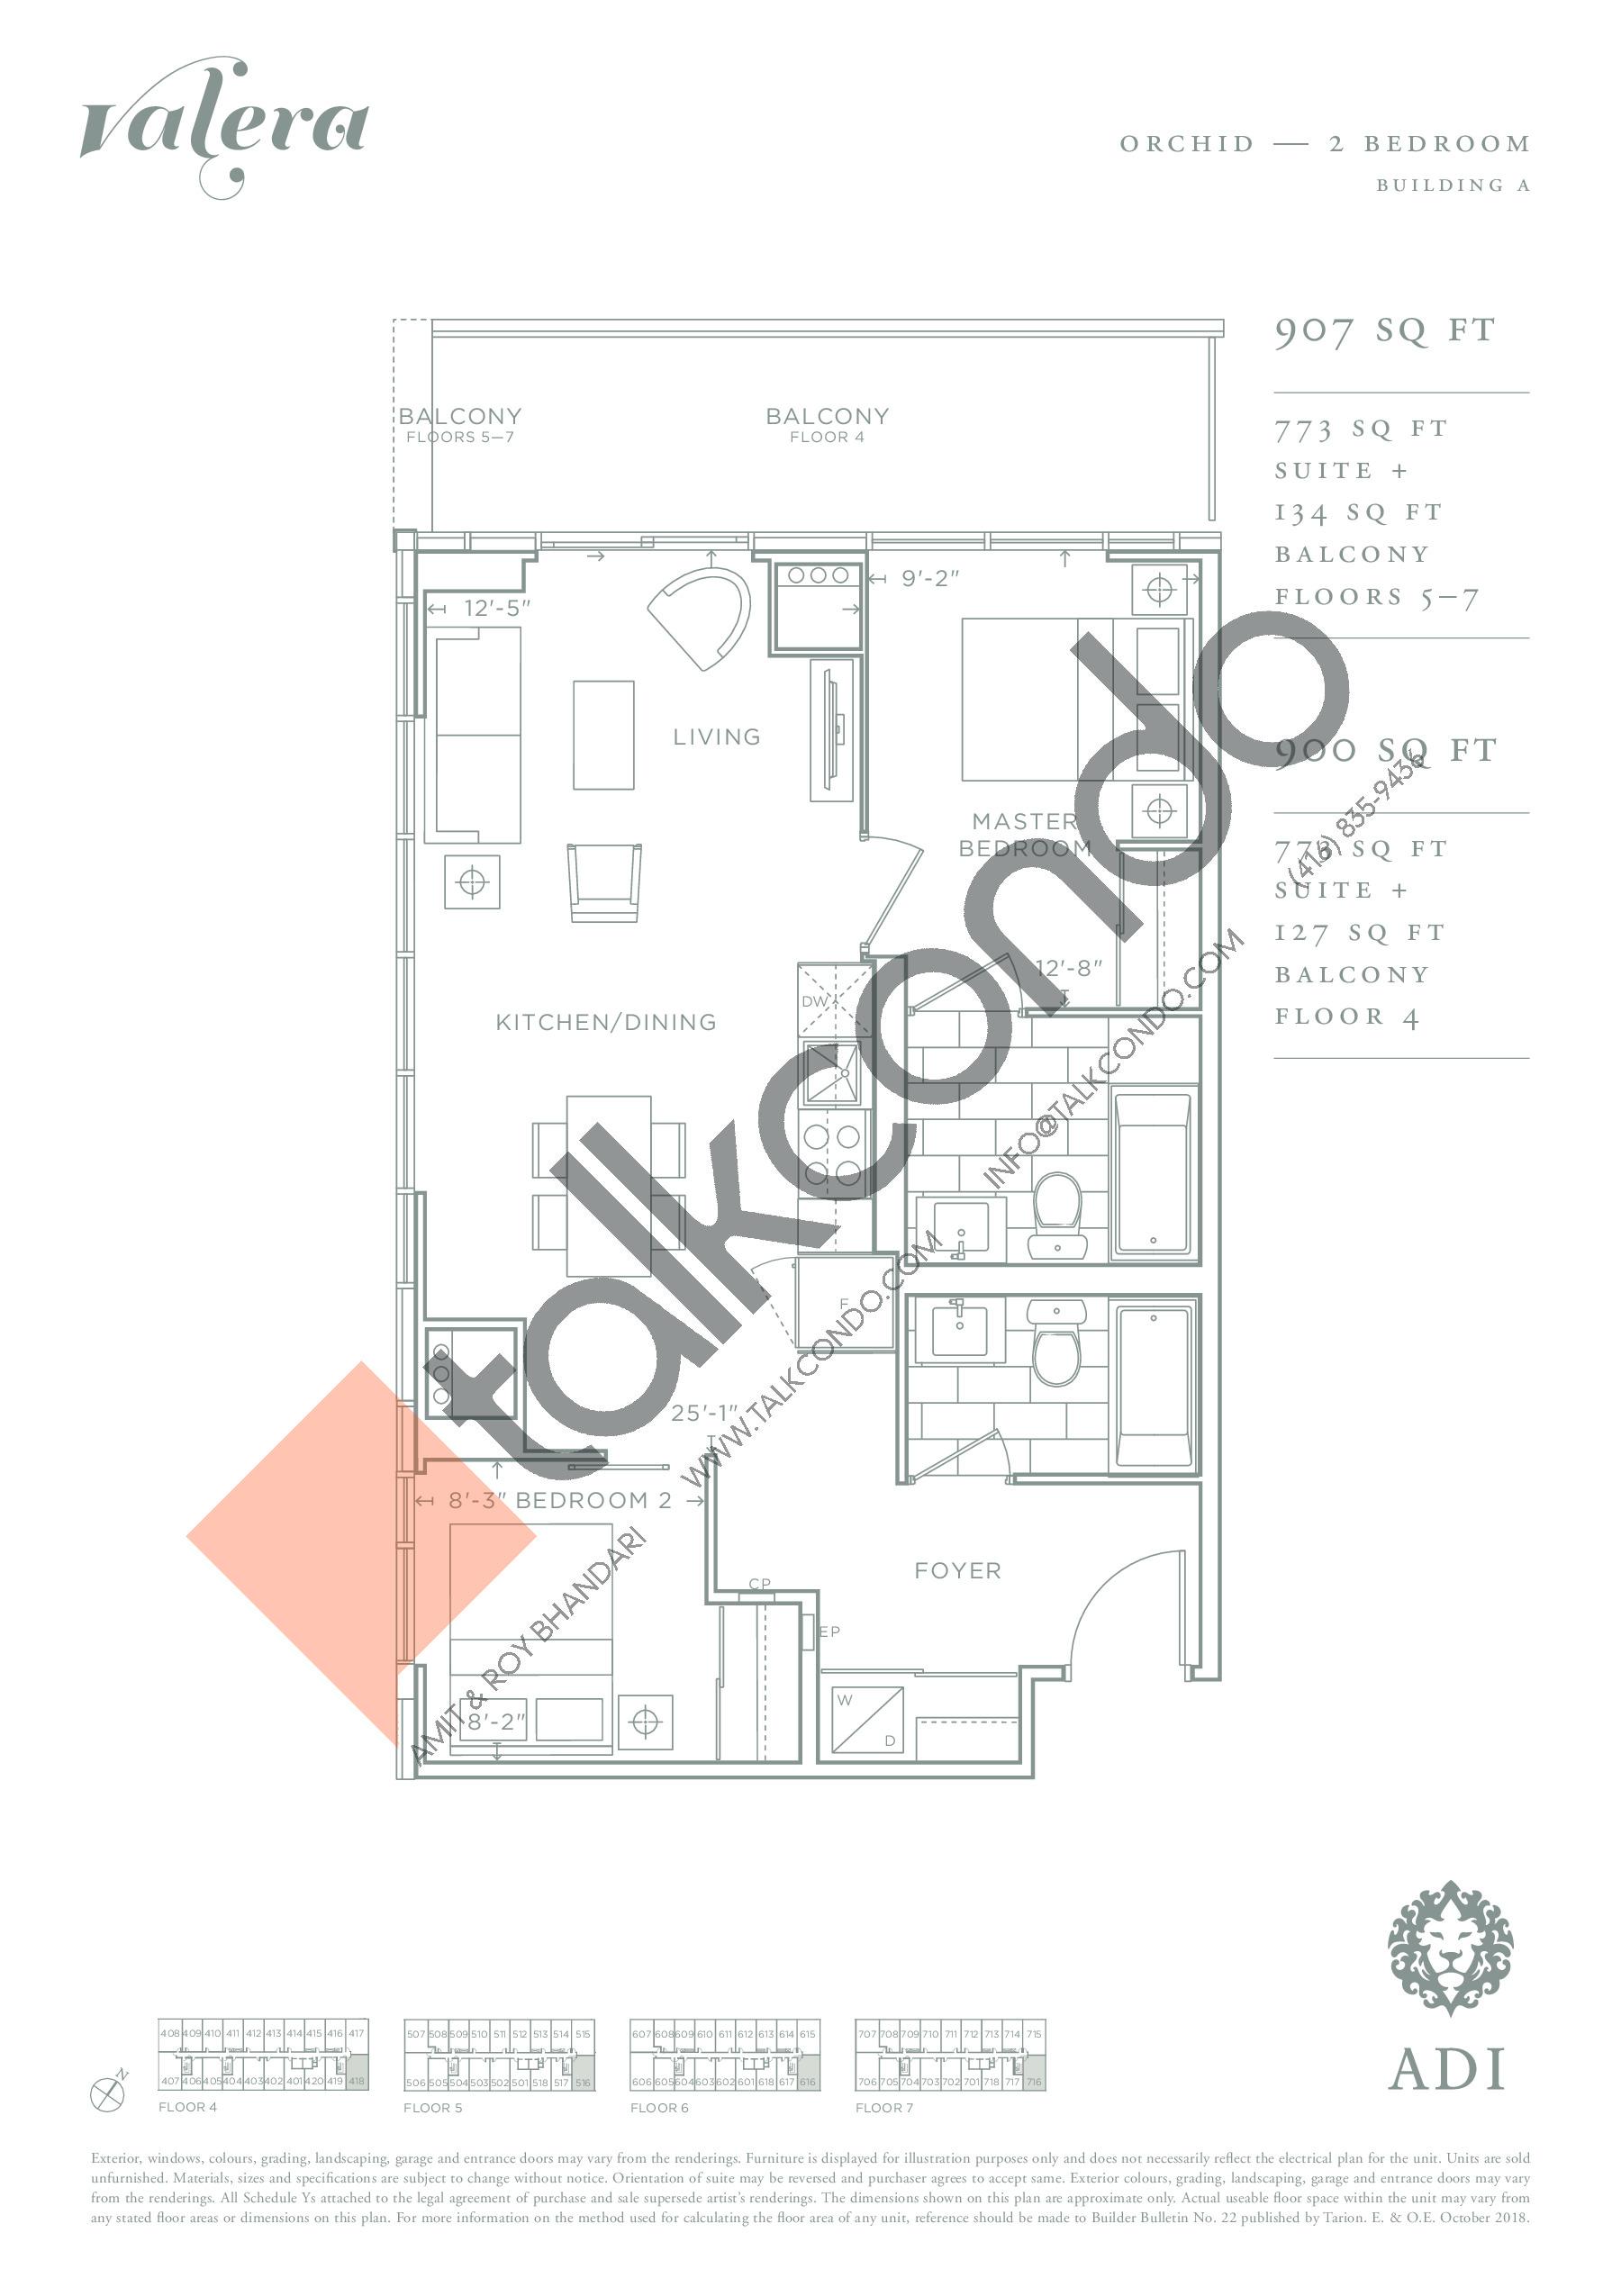 Orchid Floor Plan at Valera Condos - 773 sq.ft